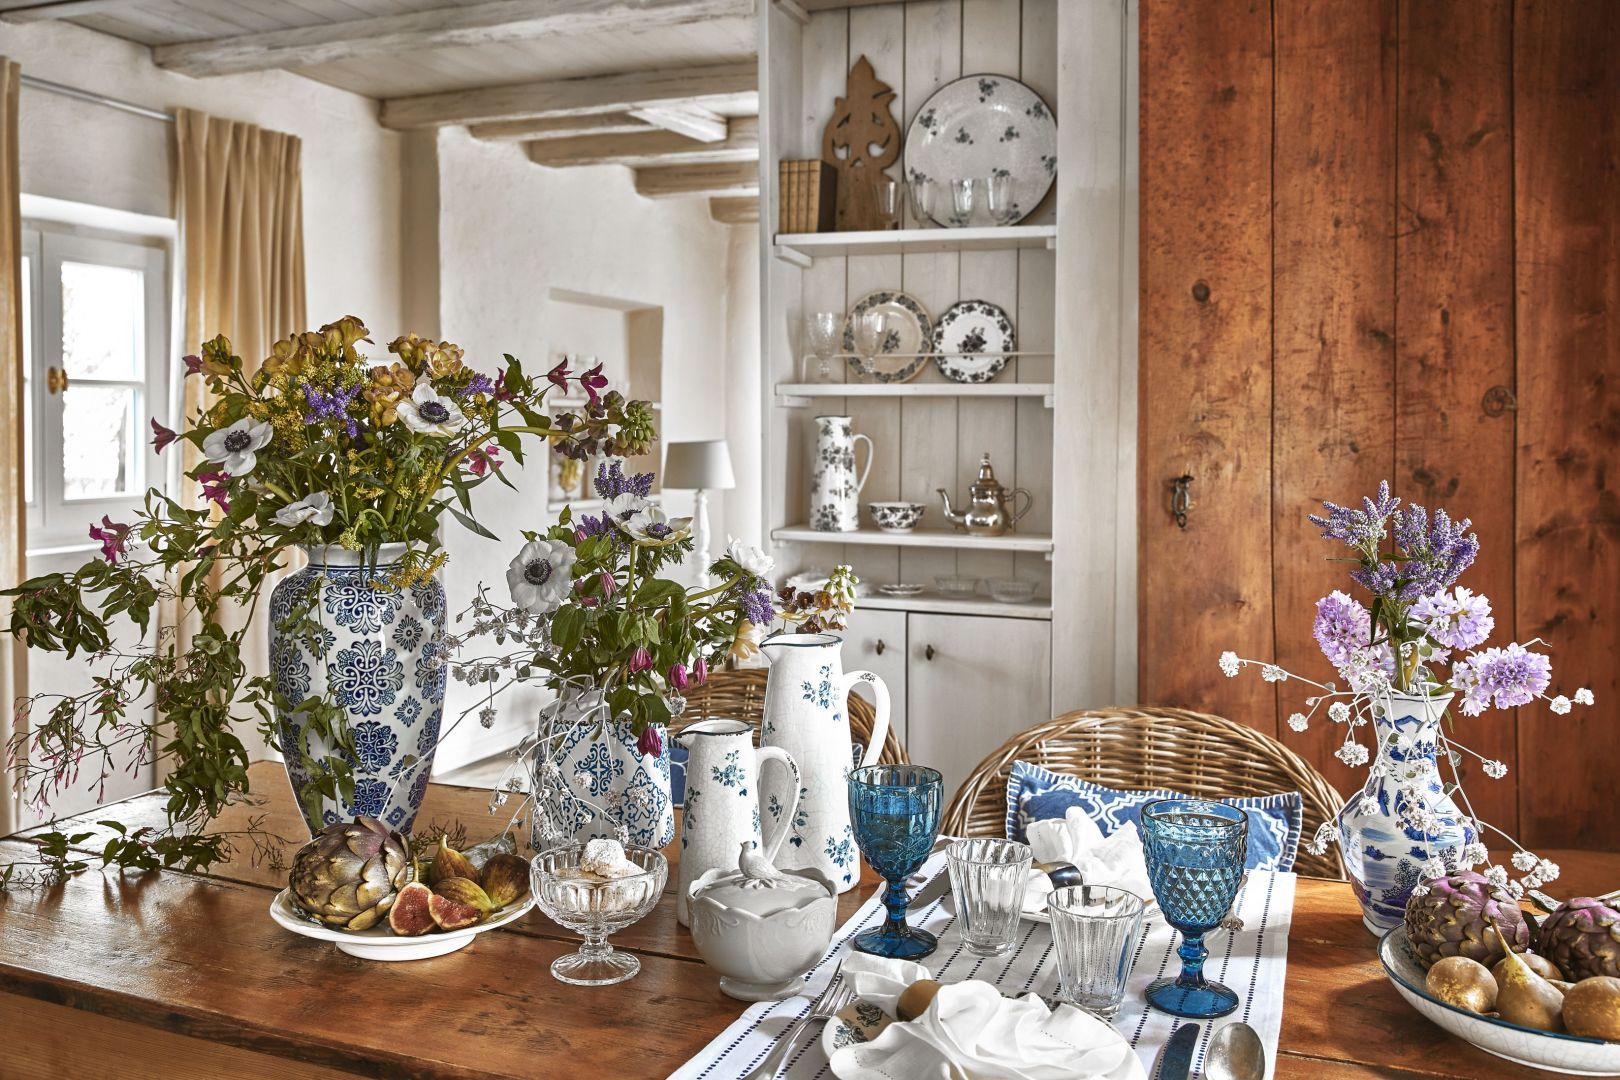 Elementami charakterystycznymi dla stylu Cottagecore są kwiecista fajansowa zastawa, drewniane meble i rustykalne detale. Fot. WestwingNow